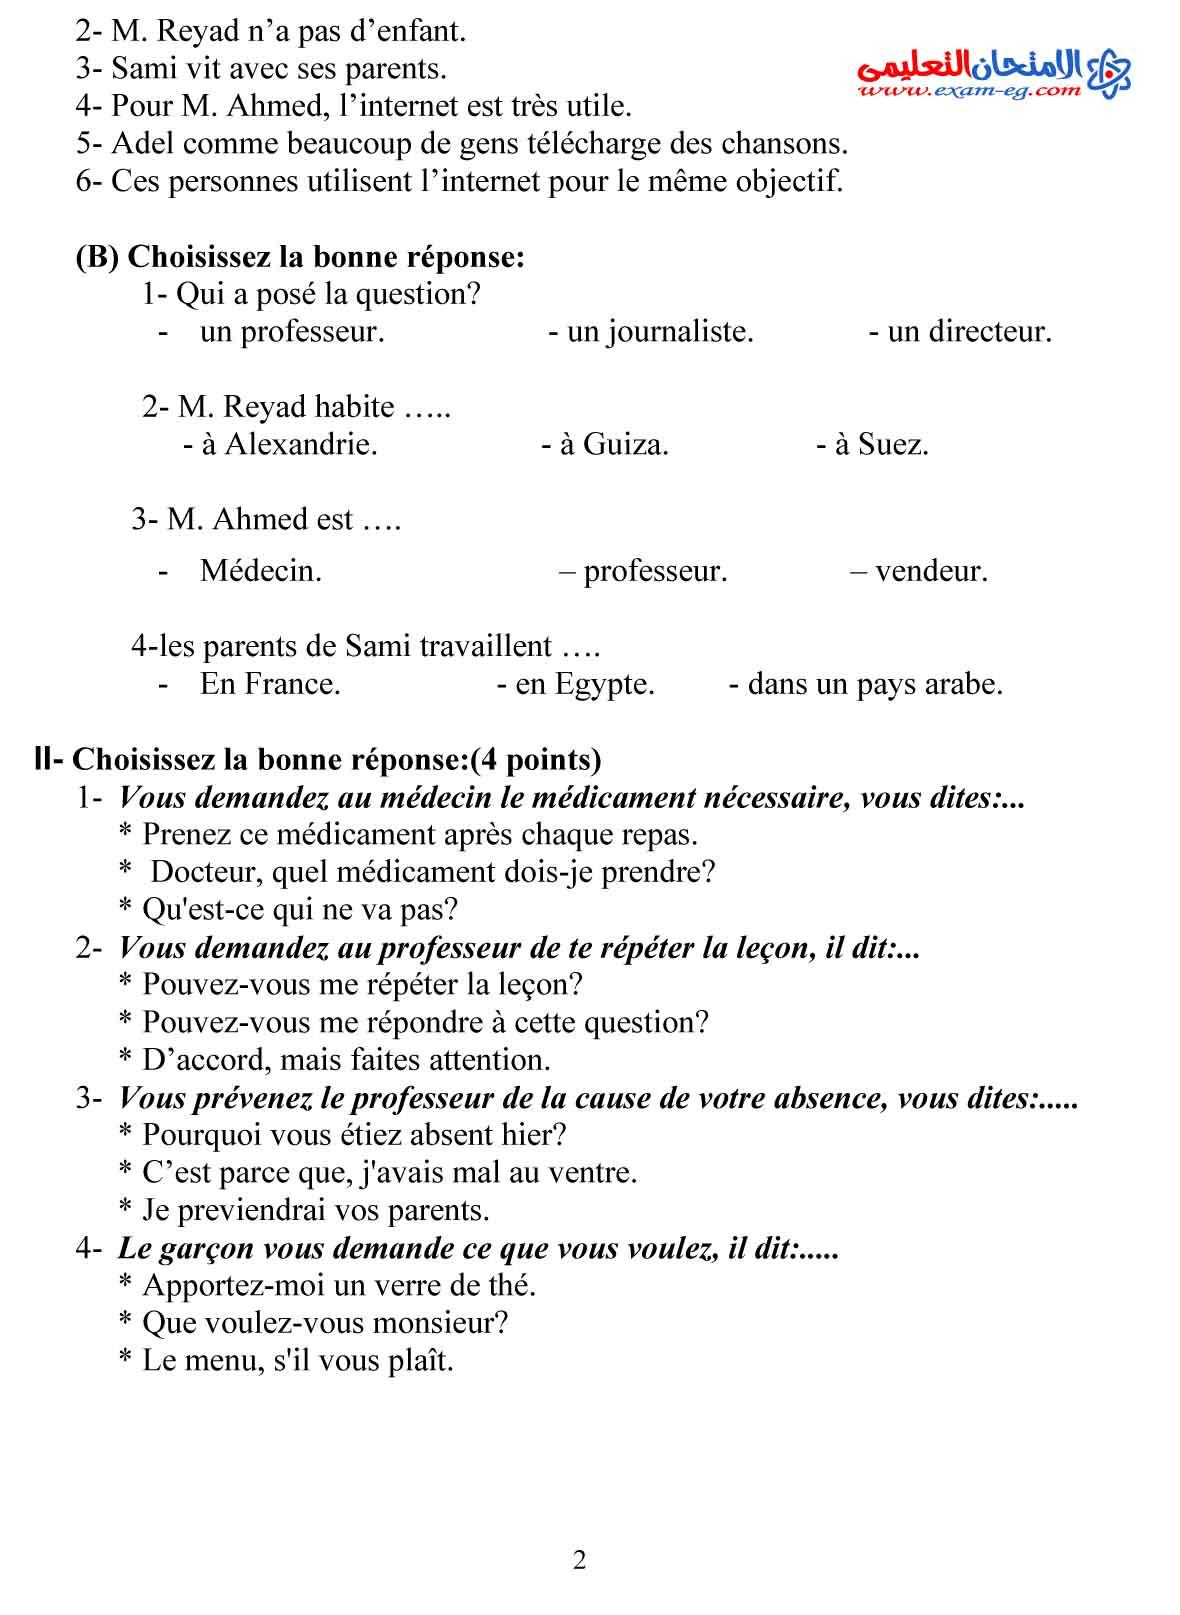 لغة فرنسية 2 - مدرسة اون لاين-2